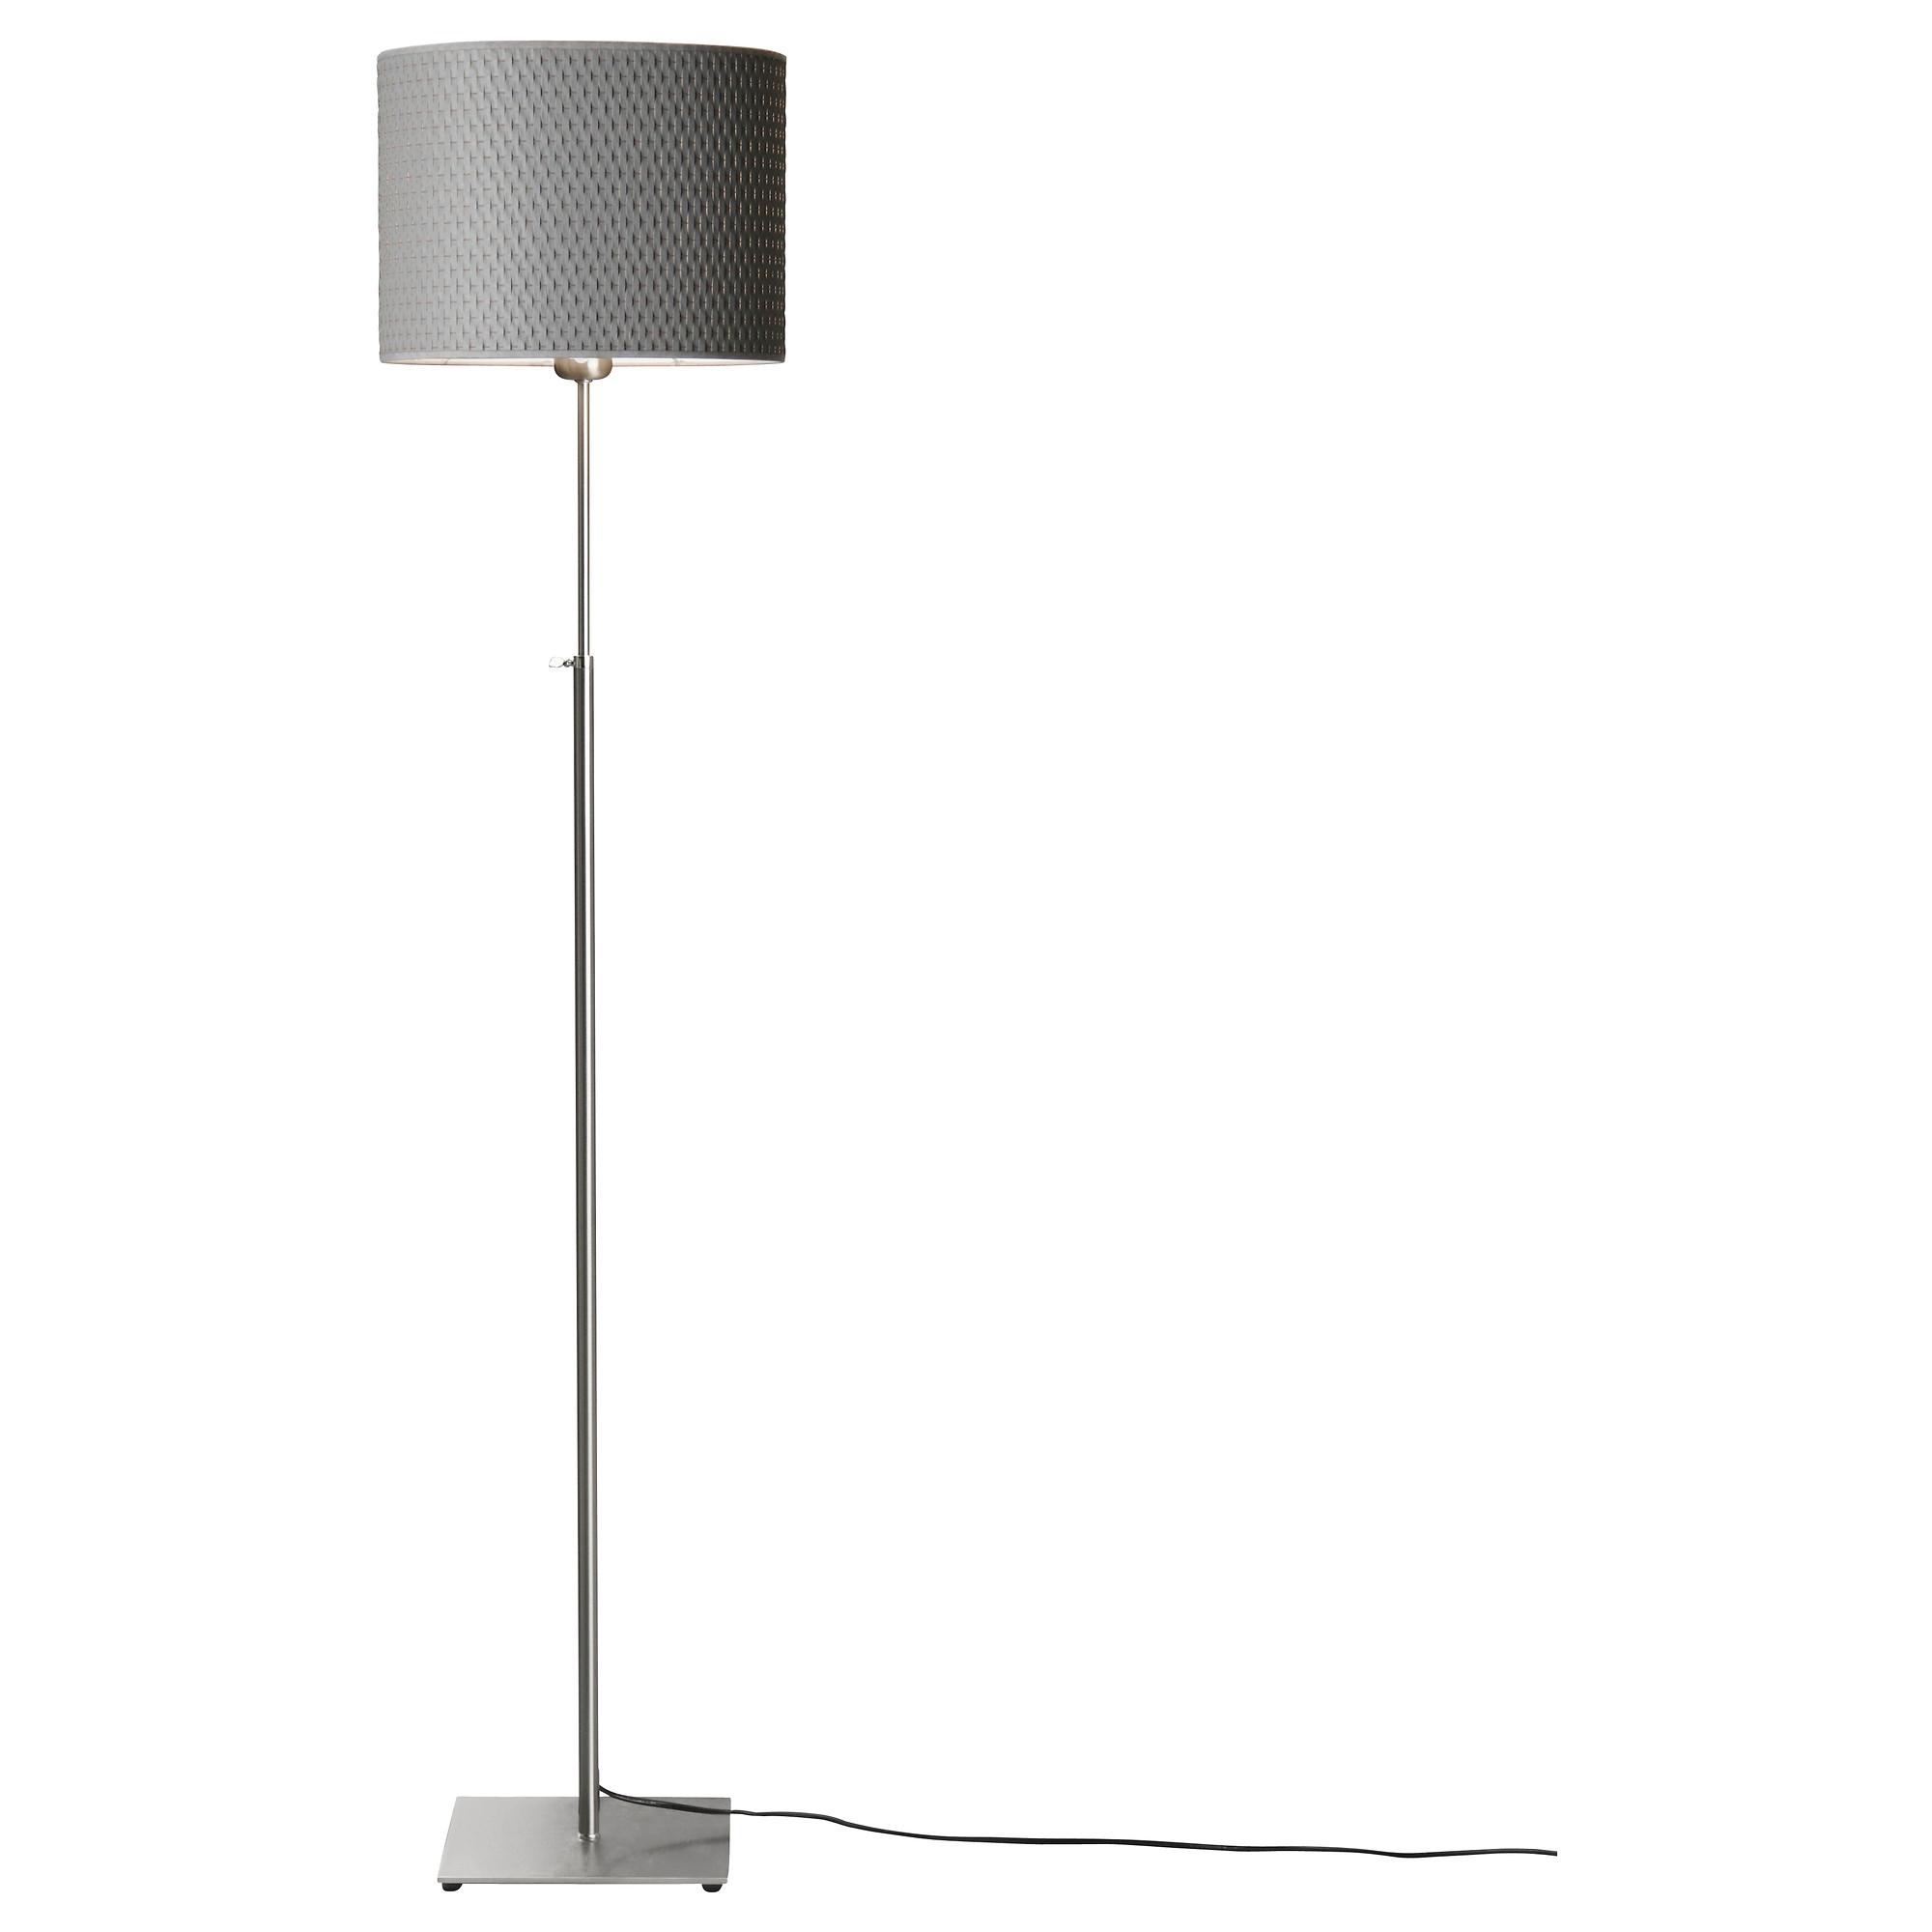 standing-lamp-photo-11